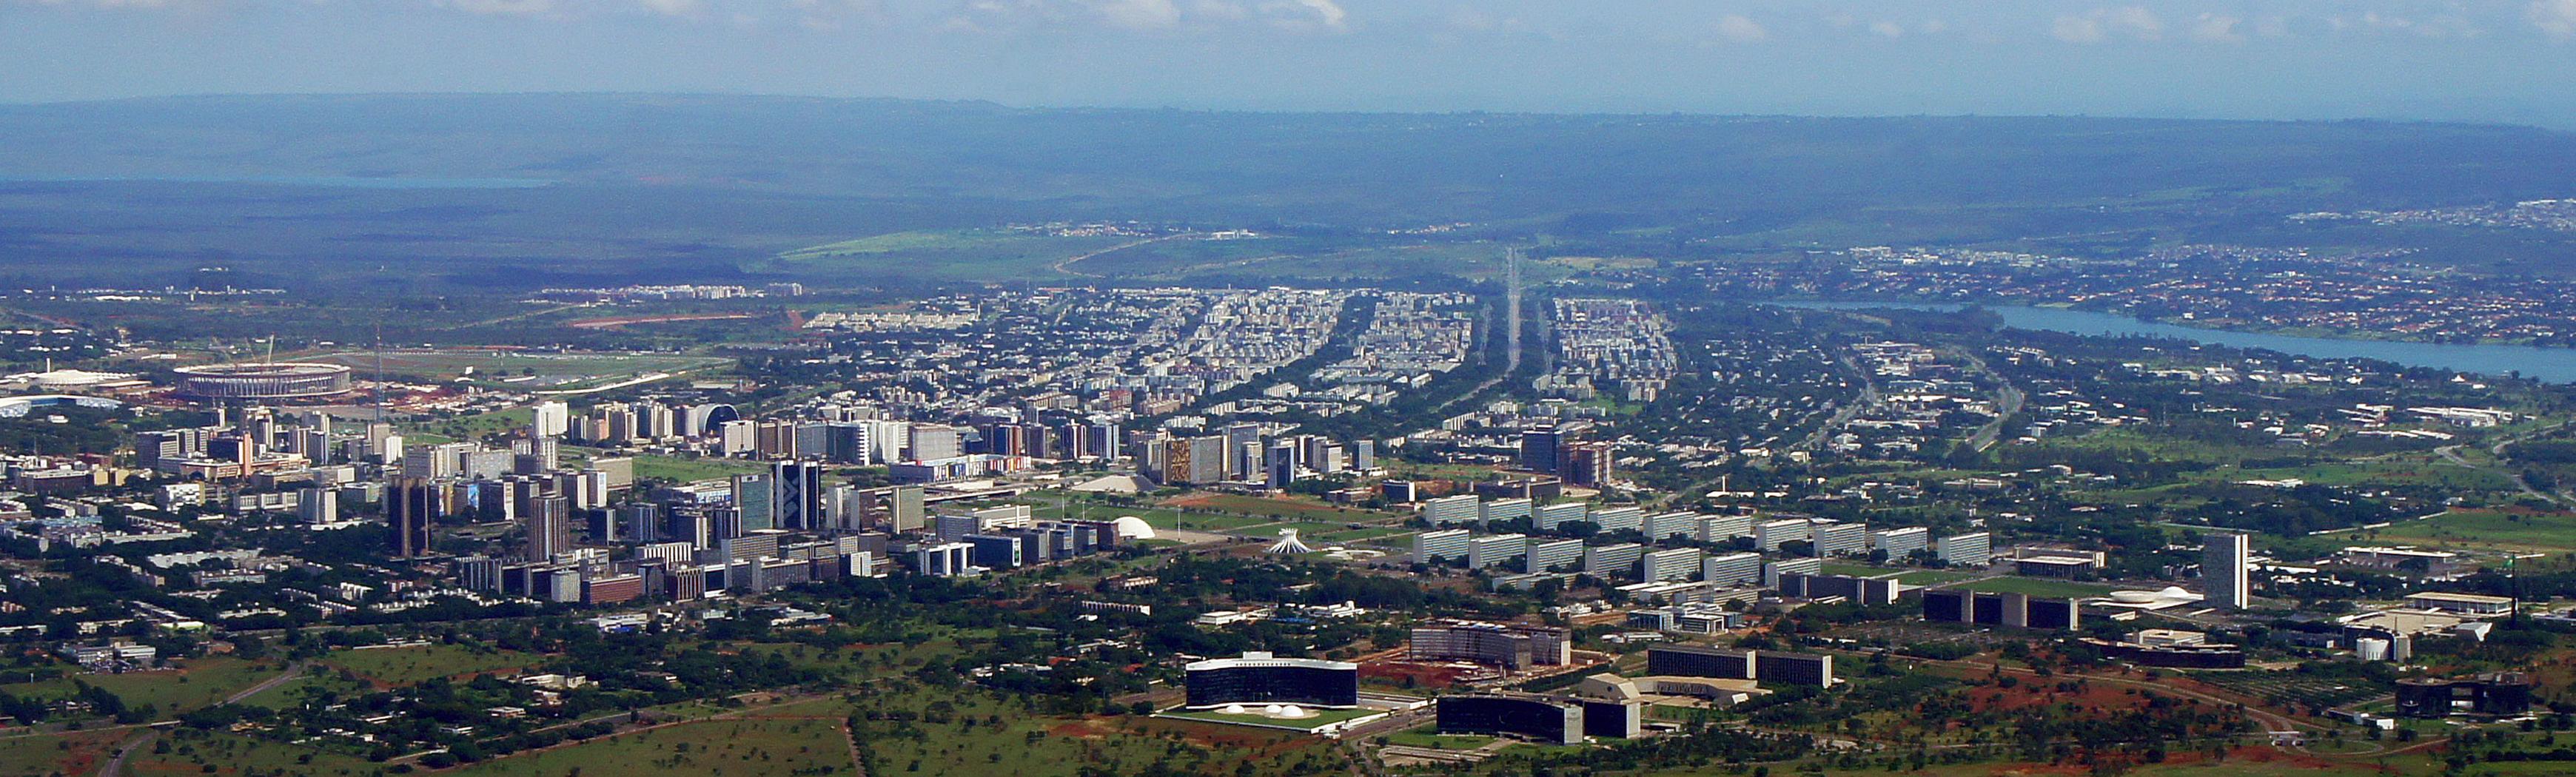 Downtown Brasilia (Plano Piloto)